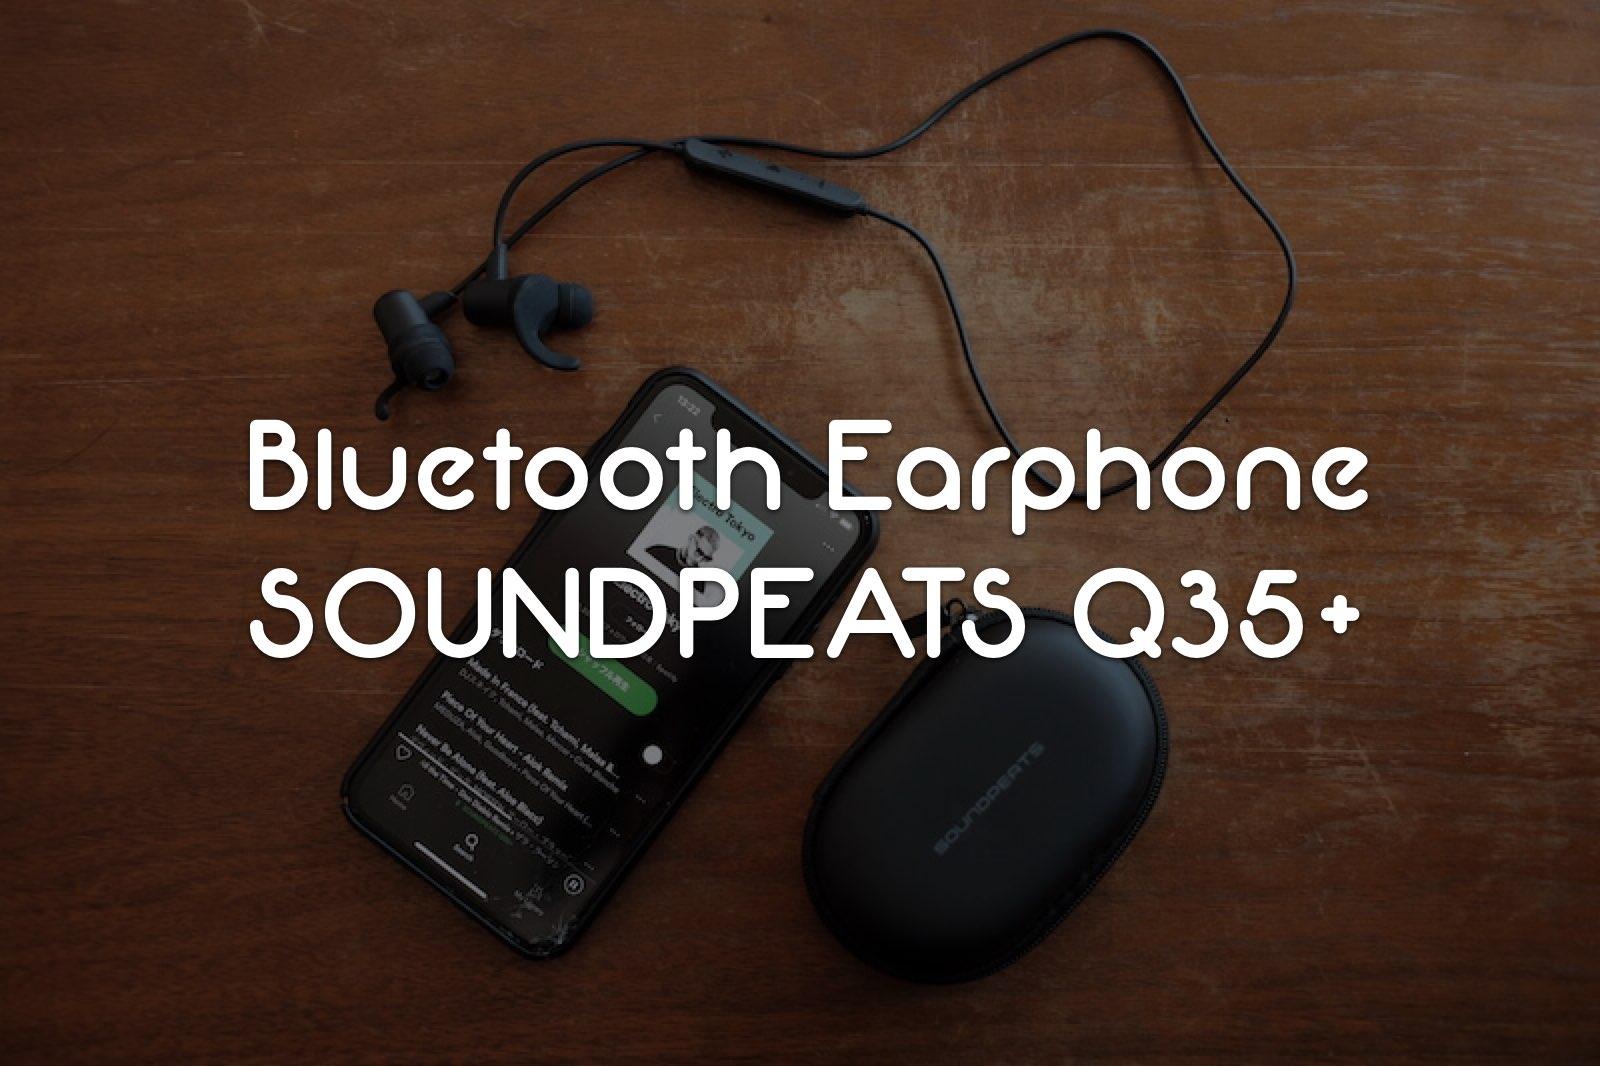 【PR】スポーツタイプのBluetoothワイヤレスイヤホン「SOUNDPEATS Q35 HD」レビュー